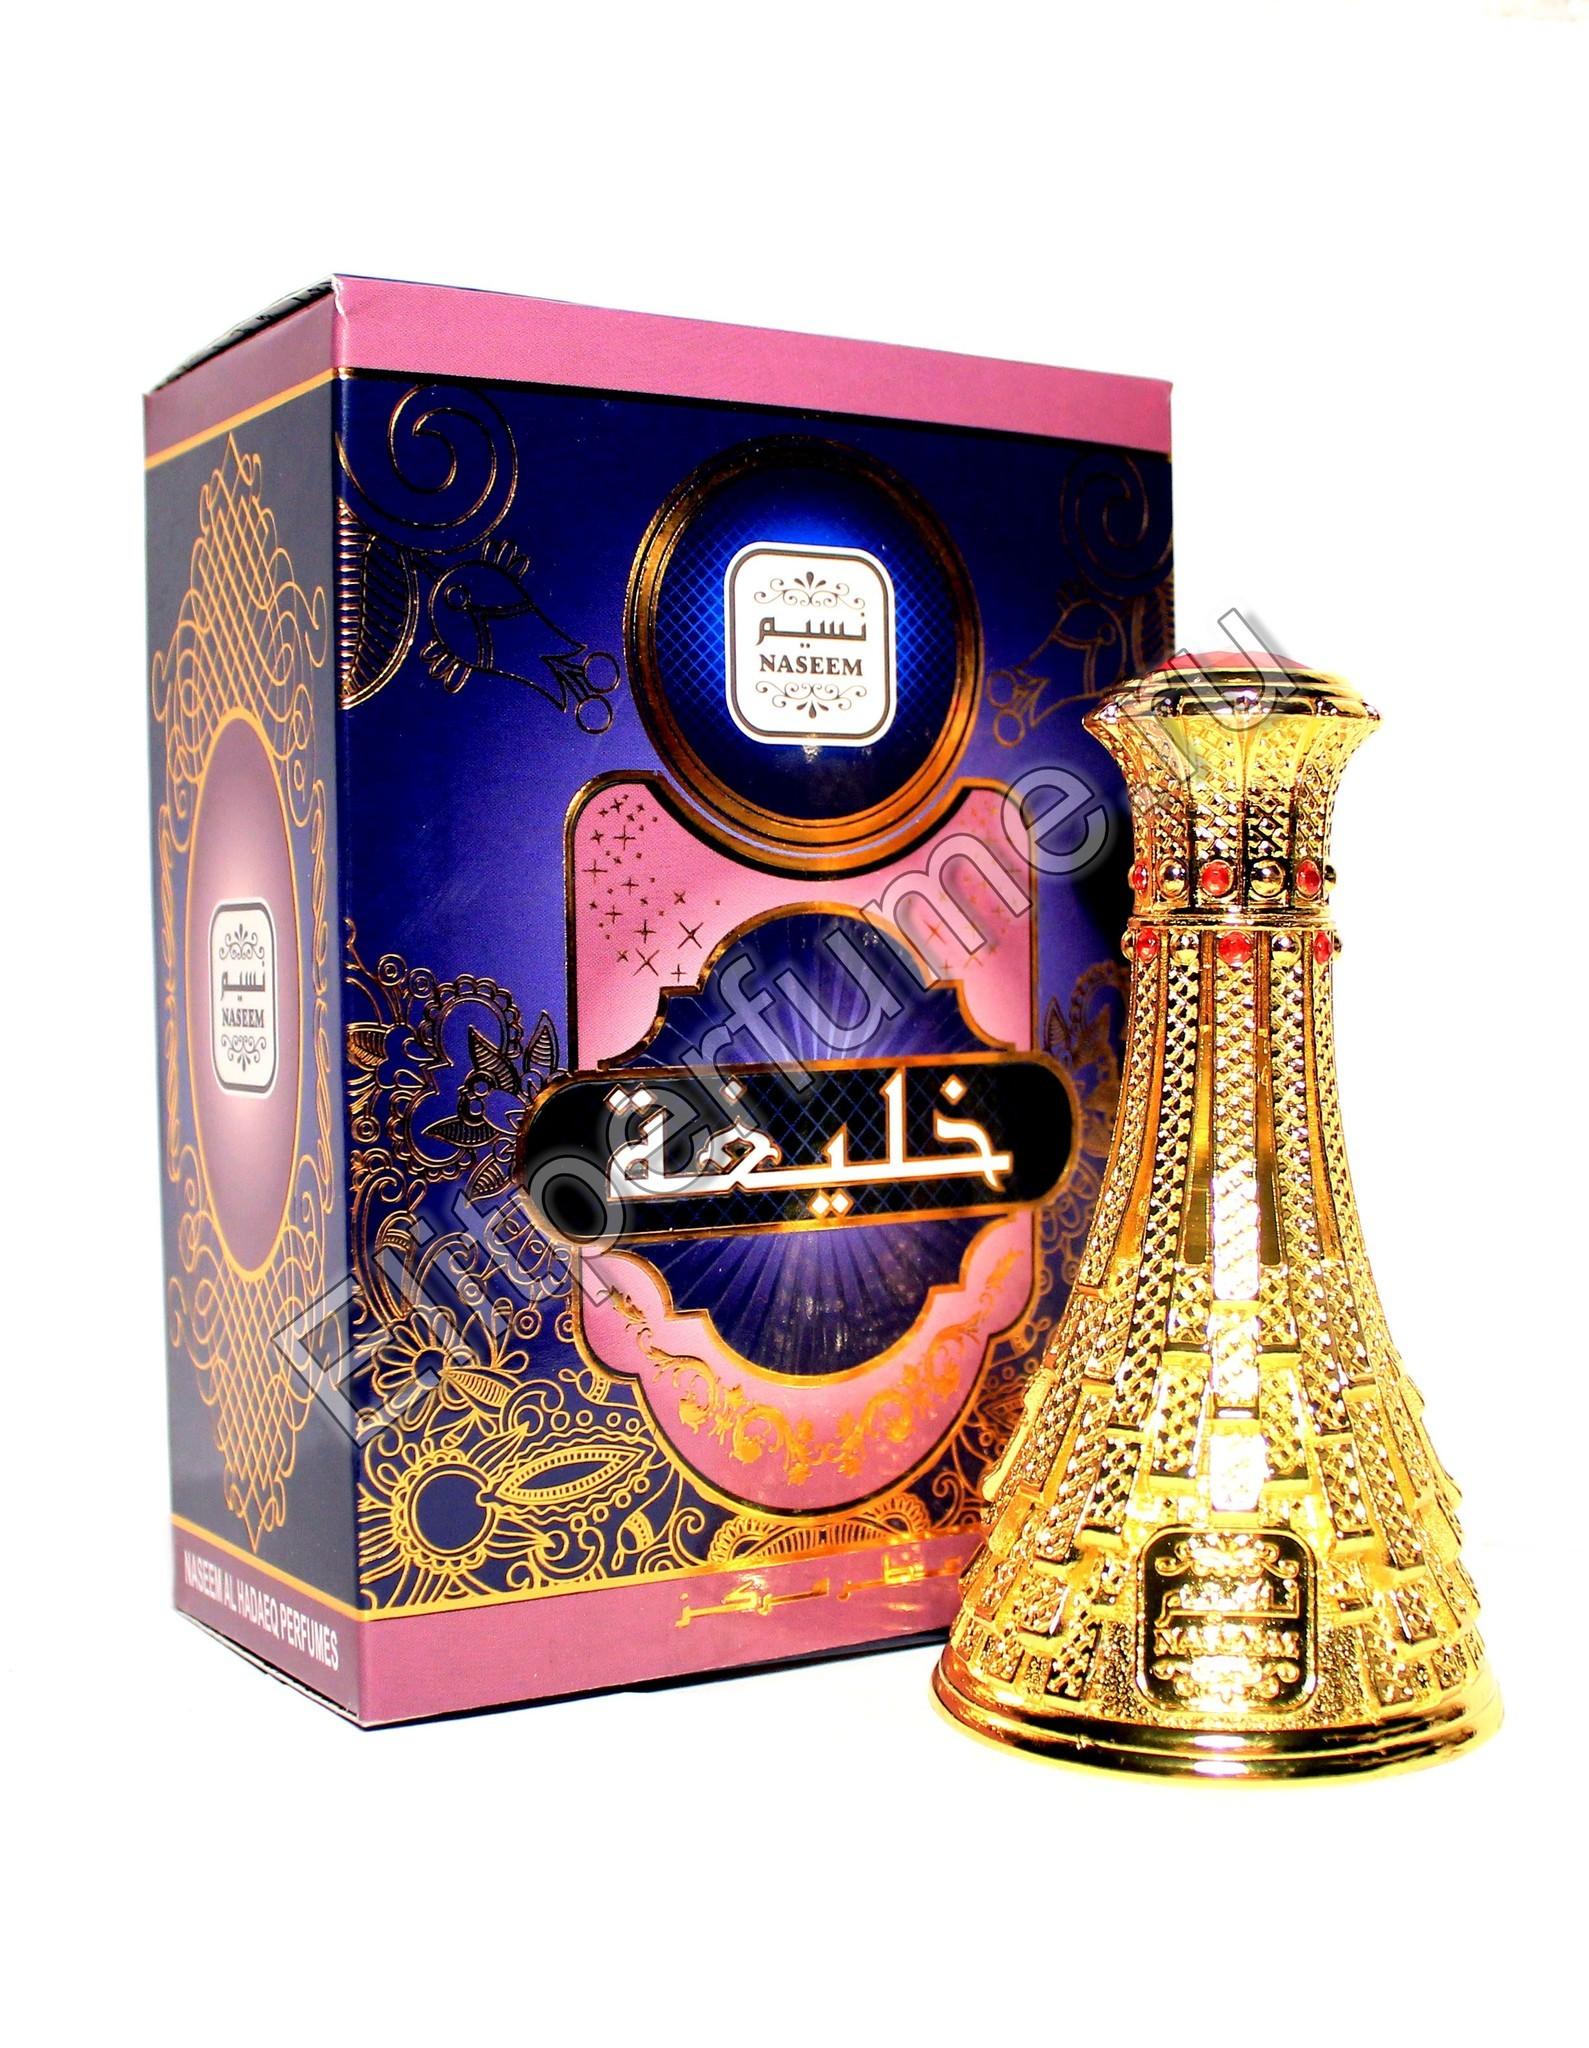 Пробник для Khalifa Халифа 1 мл арабские масляные духи от Насим Naseem Perfumes